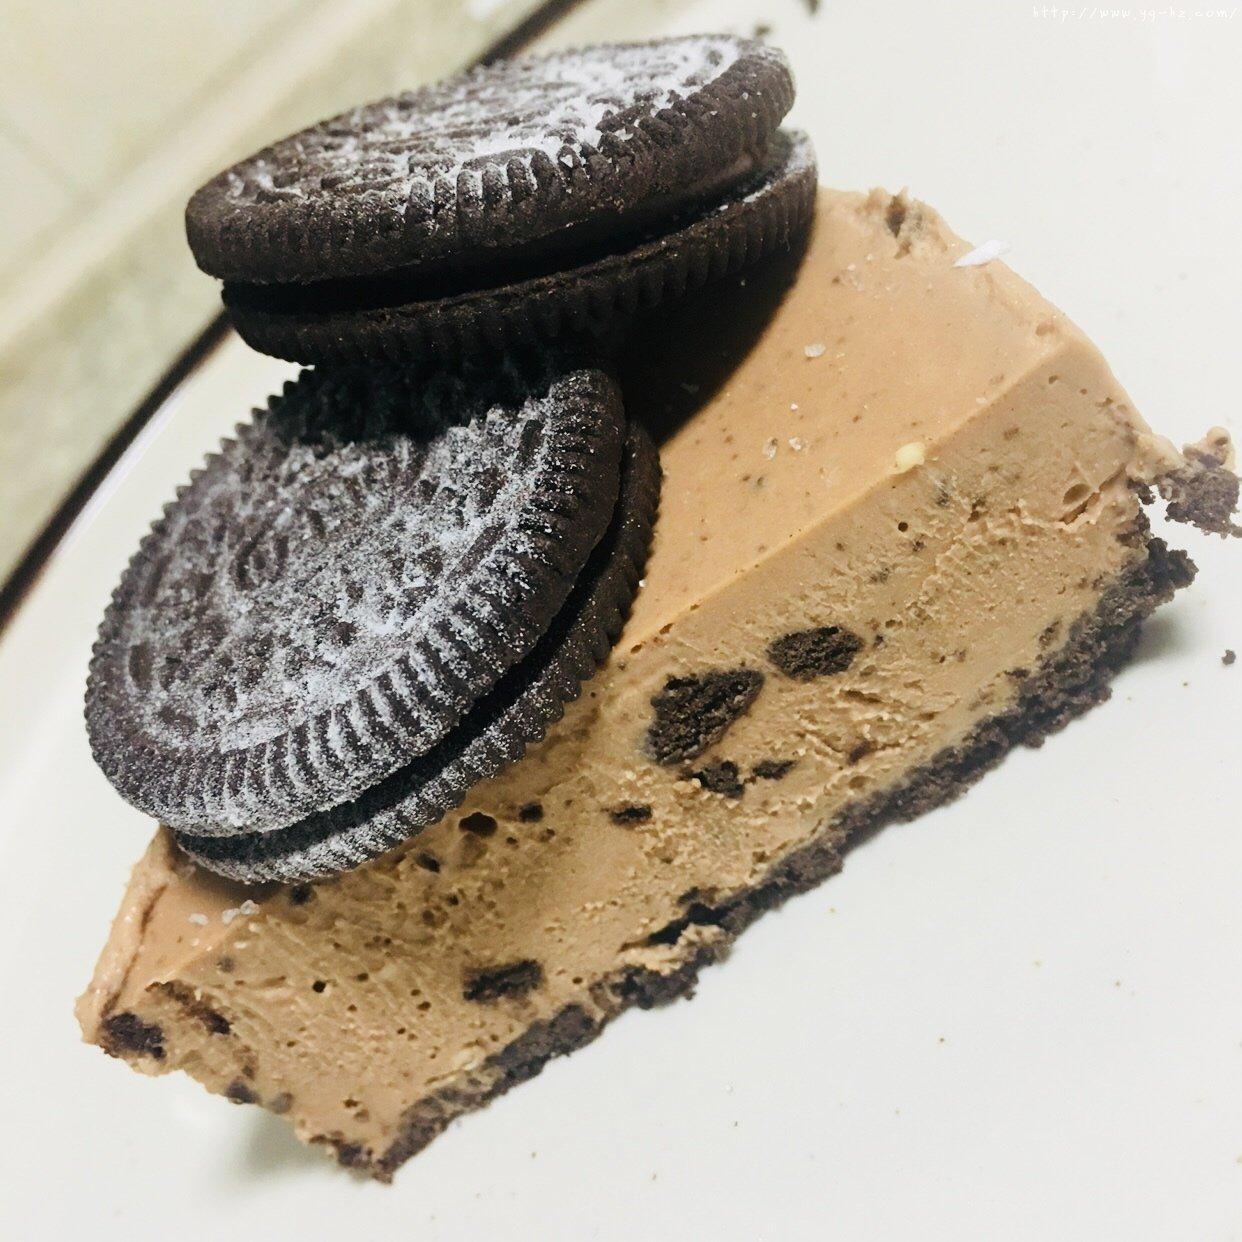 巧克力冰淇淋蛋糕(奥利奥)无敌快手简单的做法